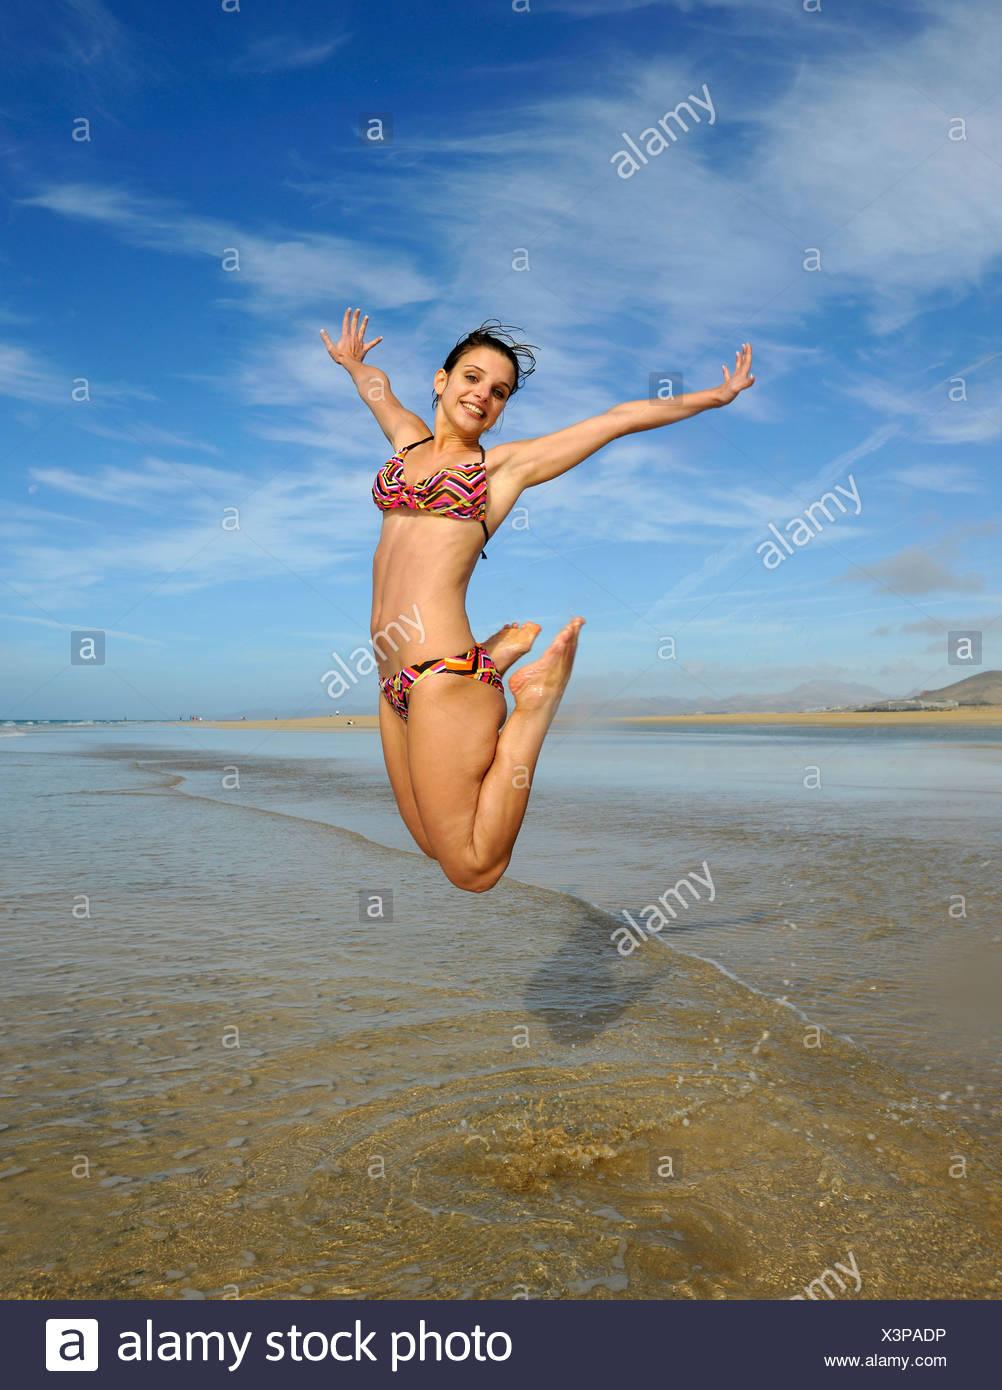 Springen Sie in die Luft, junge Frau am Meer, symbolisches Bild für Vitalität, Lebensfreude, Strand Playa de Sotavento de Jandia Stockbild